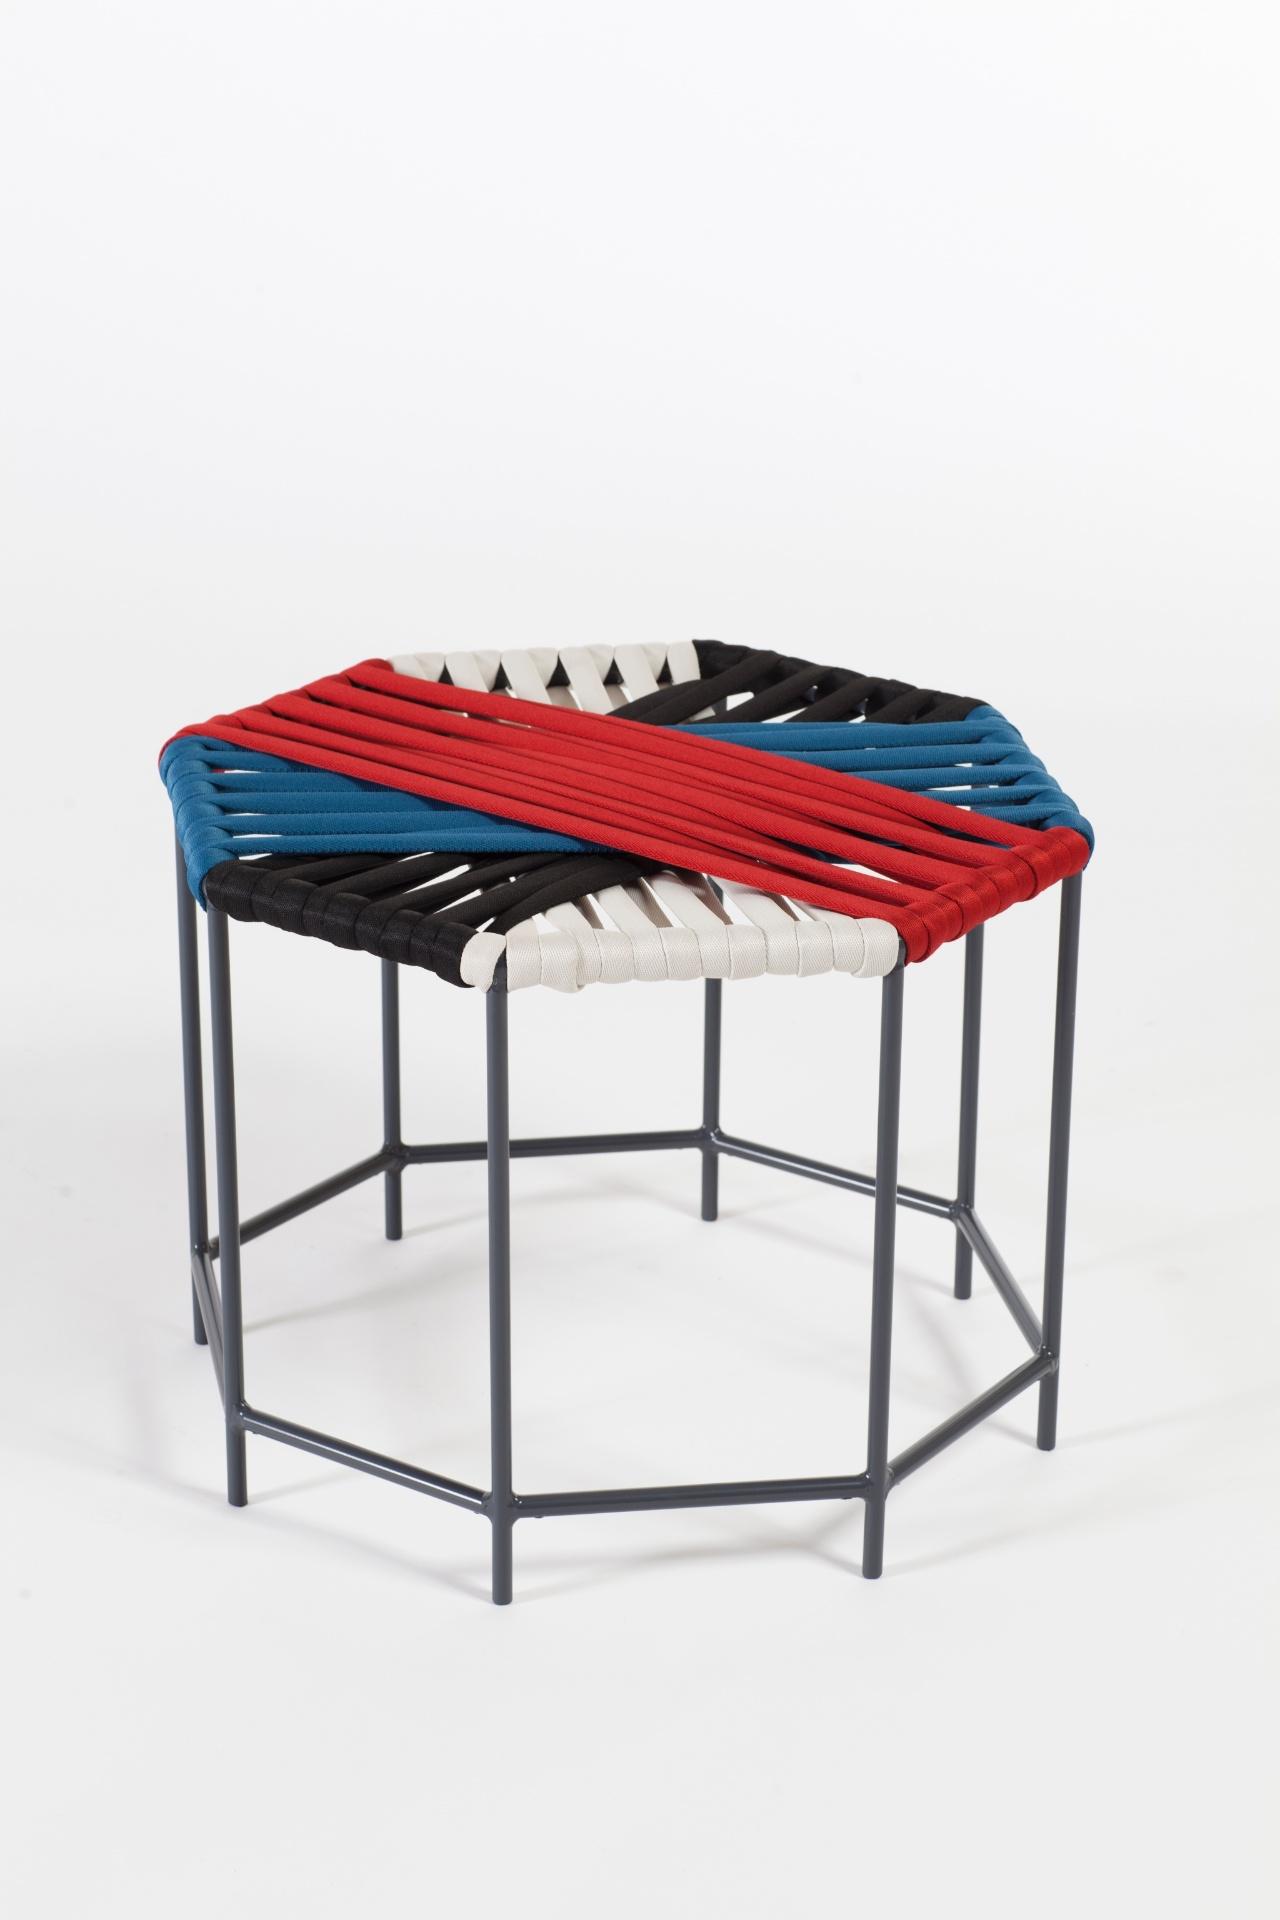 Com tramas compostas por cordas náuticas, a banqueta B089 tem base tubular em alumínio pintado. O móvel é vendido na Estar Móveis (www.estarmoveis.com.br) e mede 53 cm por 53 cm por 38 cm